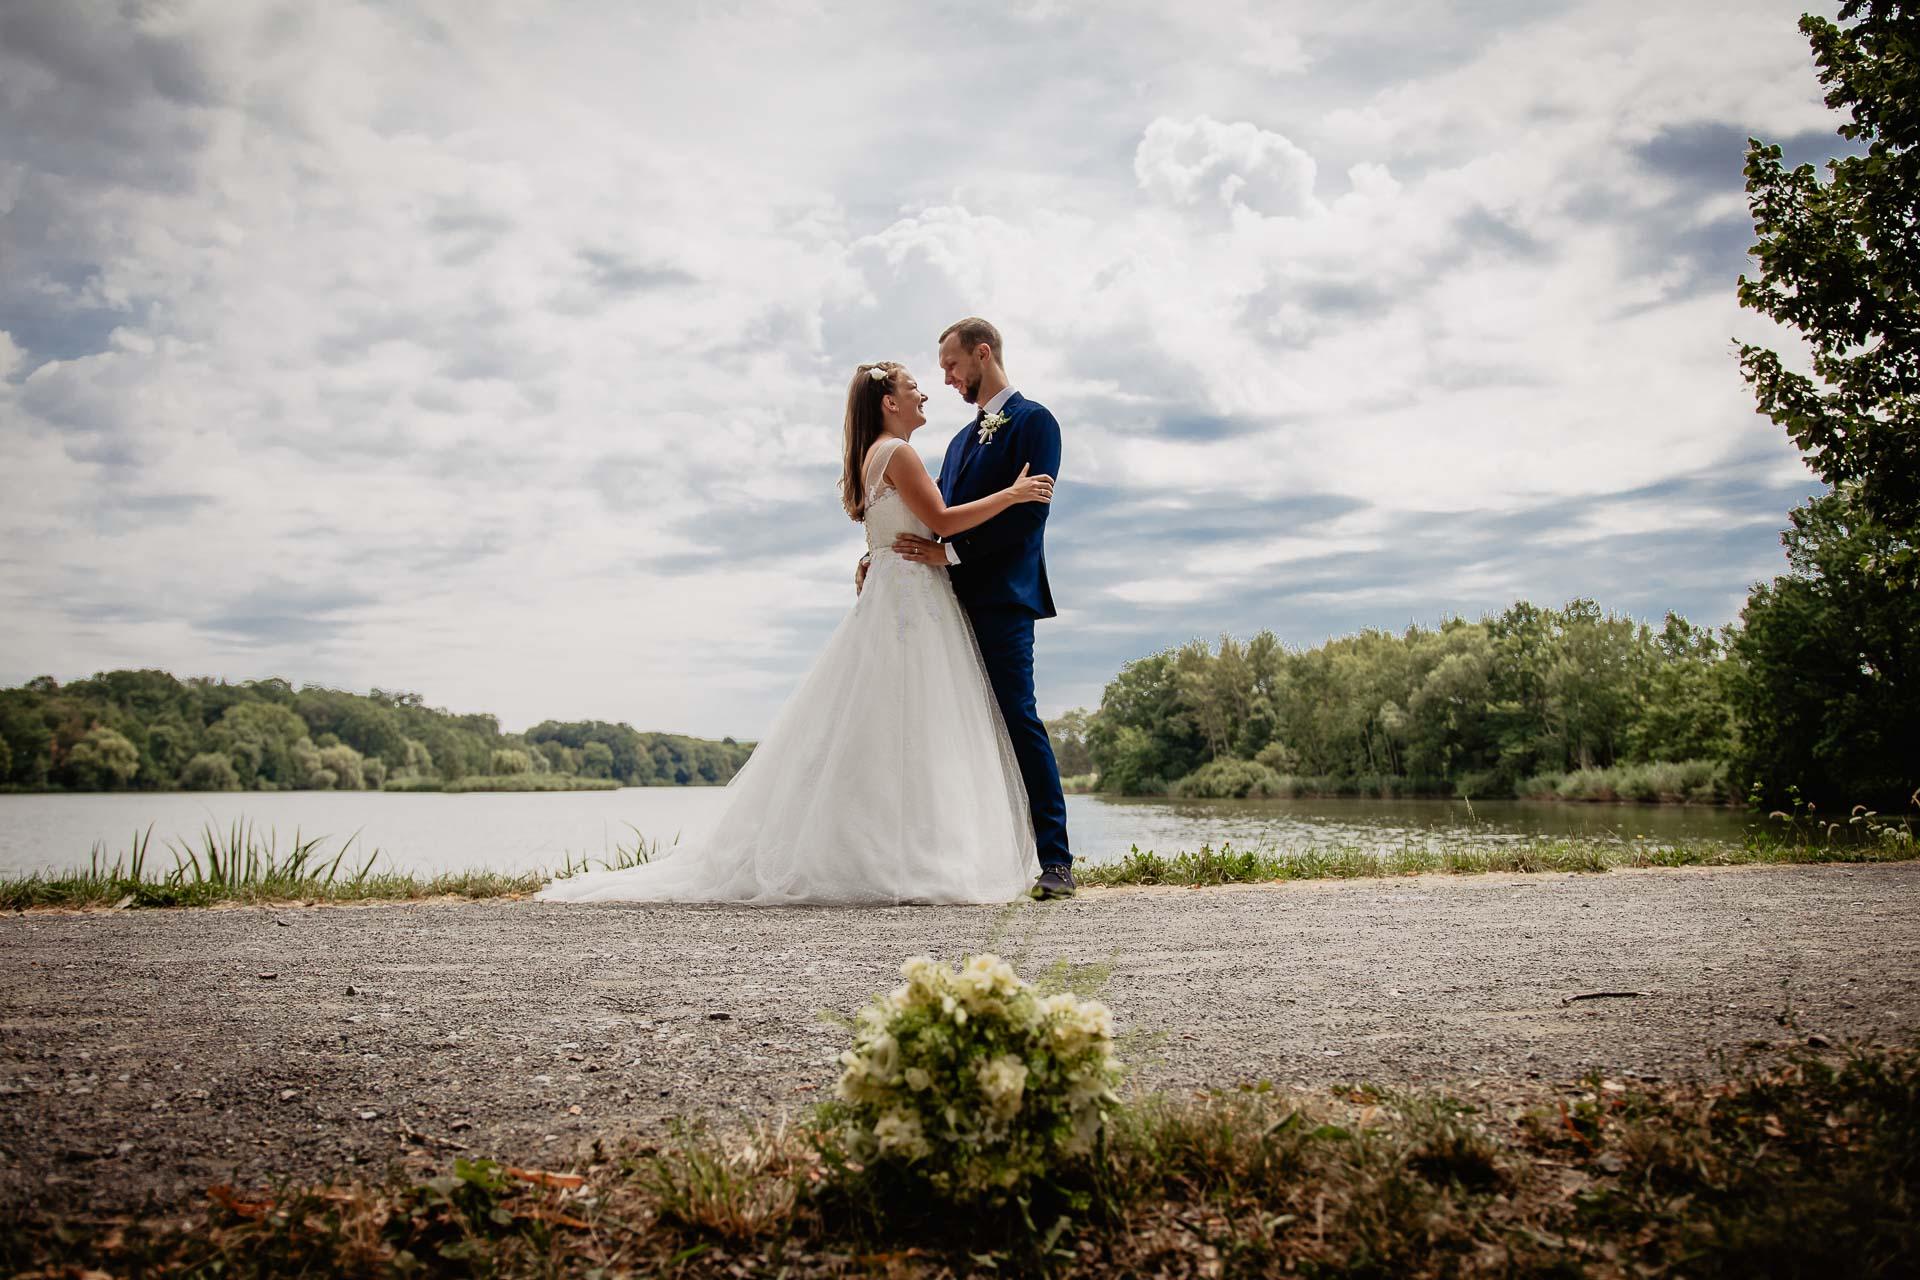 svatební-fotograf-dolní-počernice-svatební-fotograf-Zámecký-park-Dolní-Počernice-123